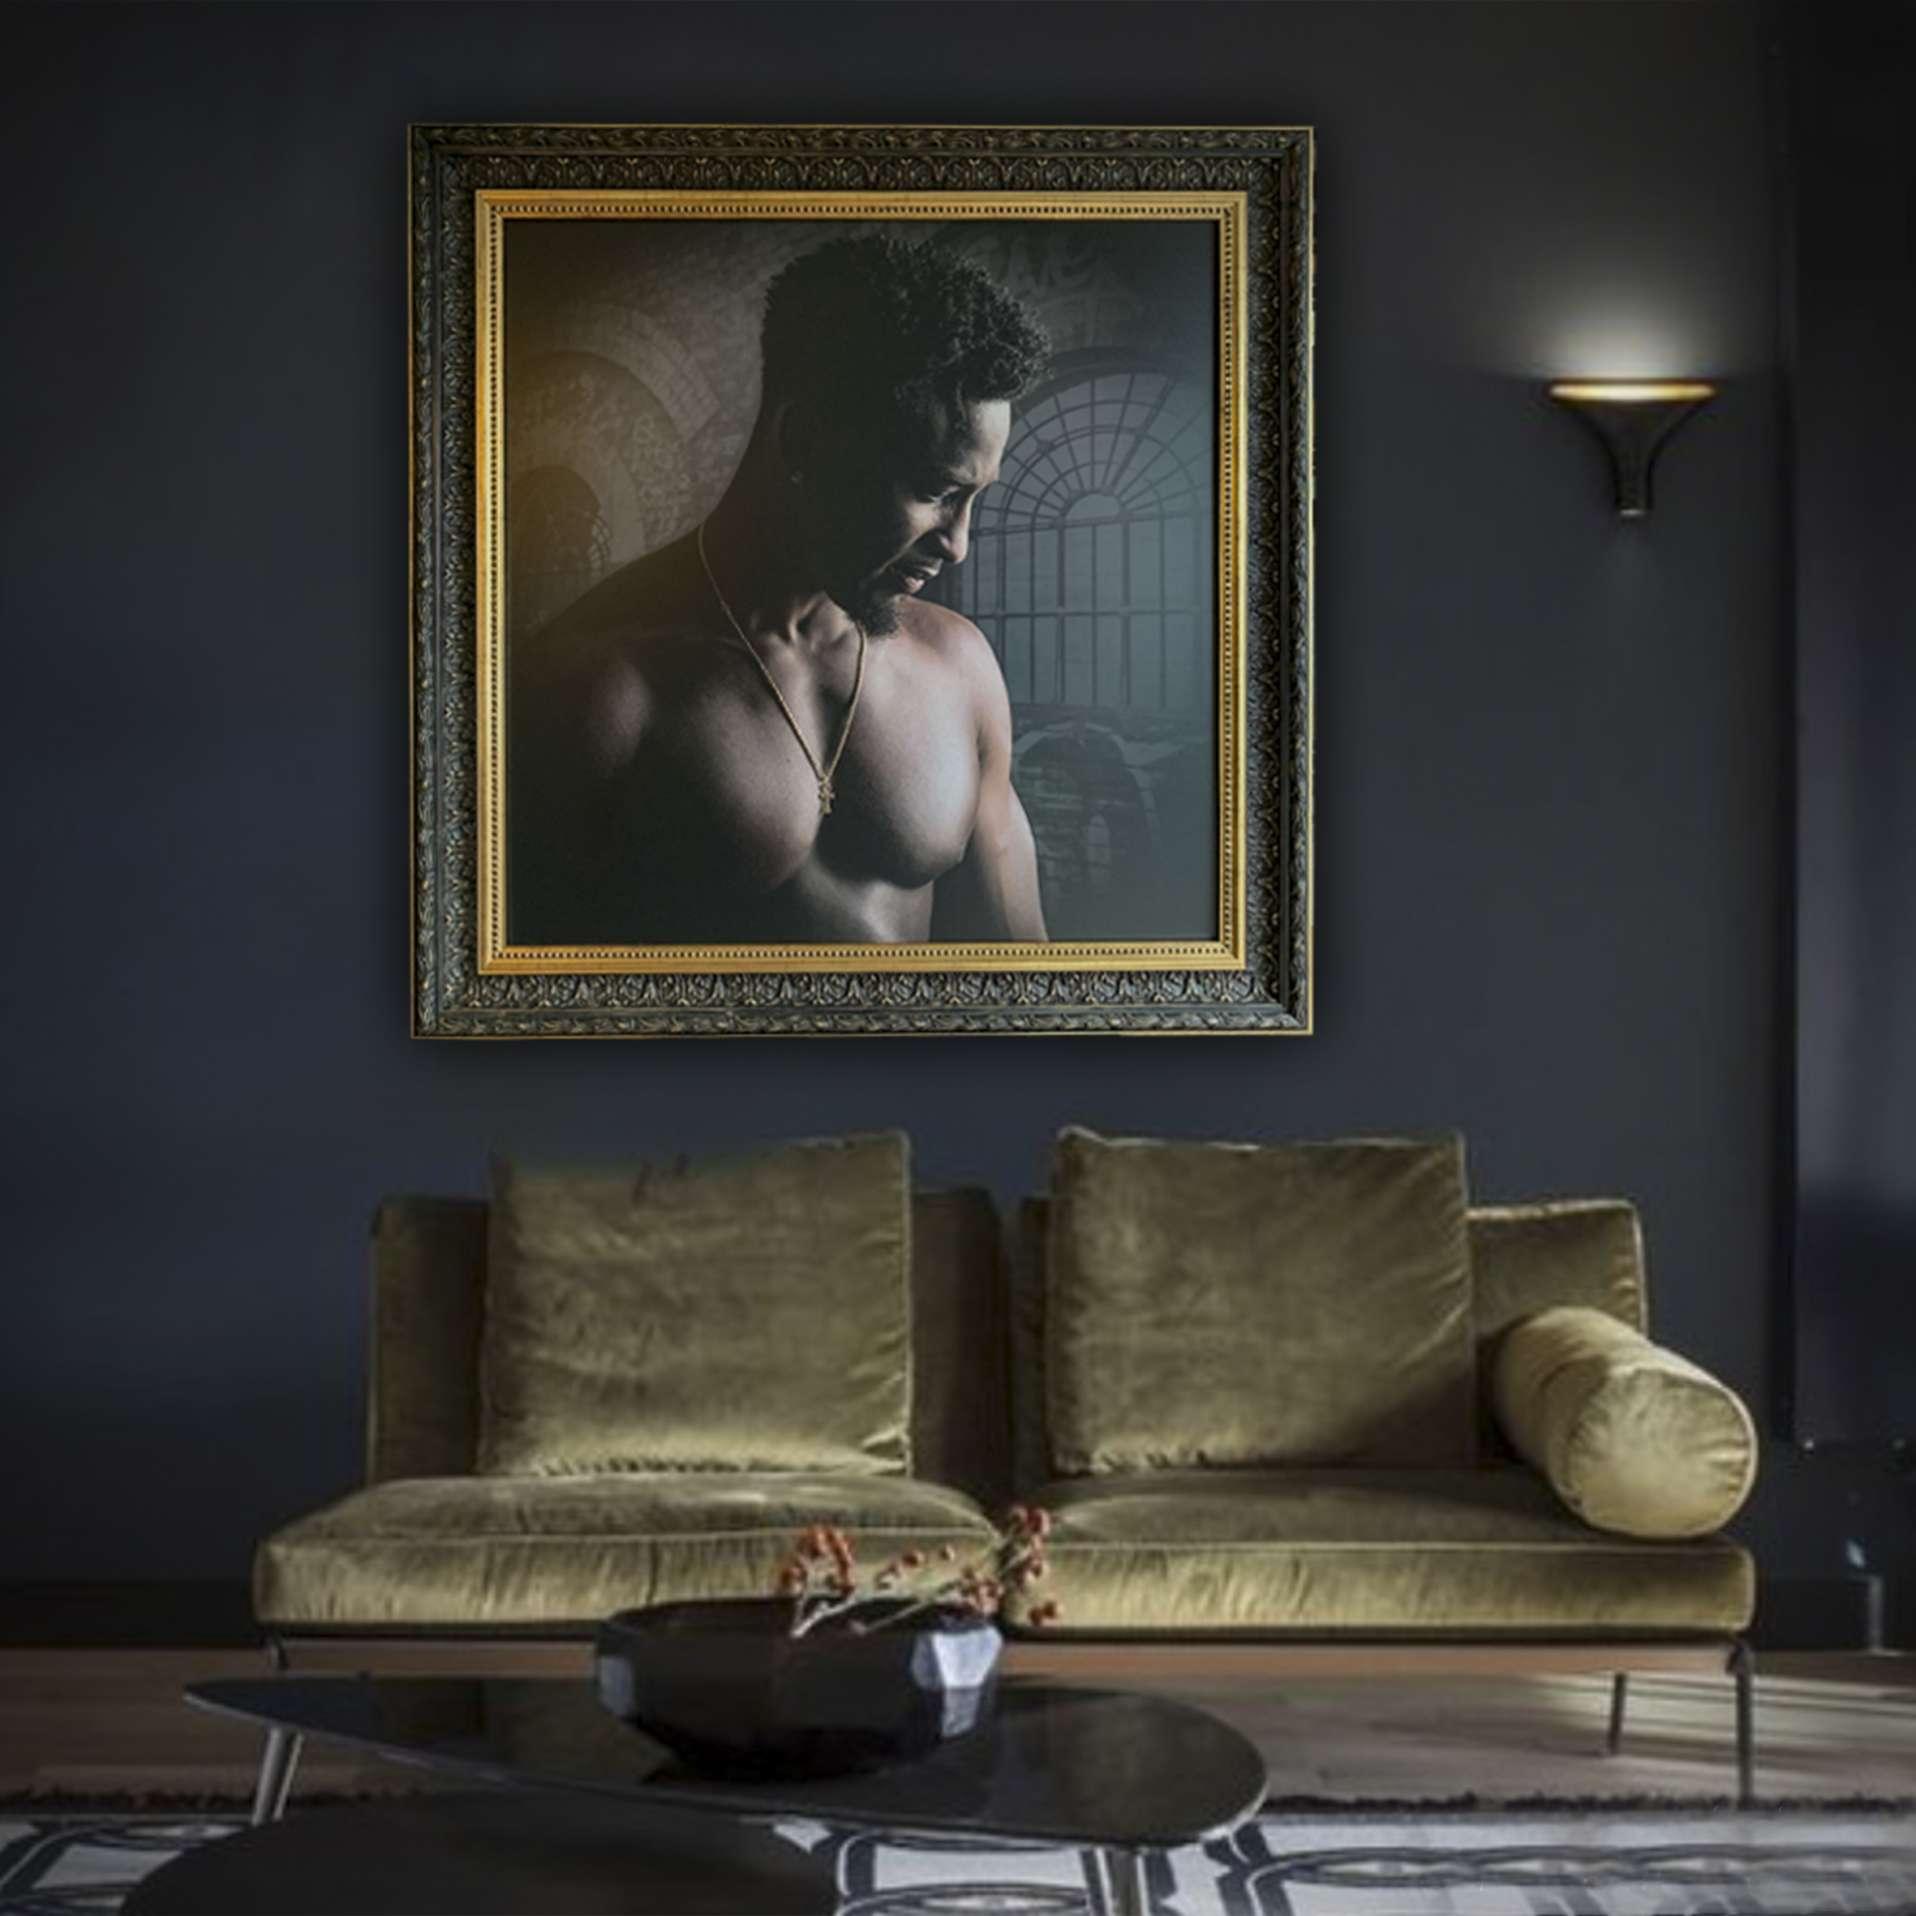 Fine Art Photography ingelijst in een Italiaans juweeltje